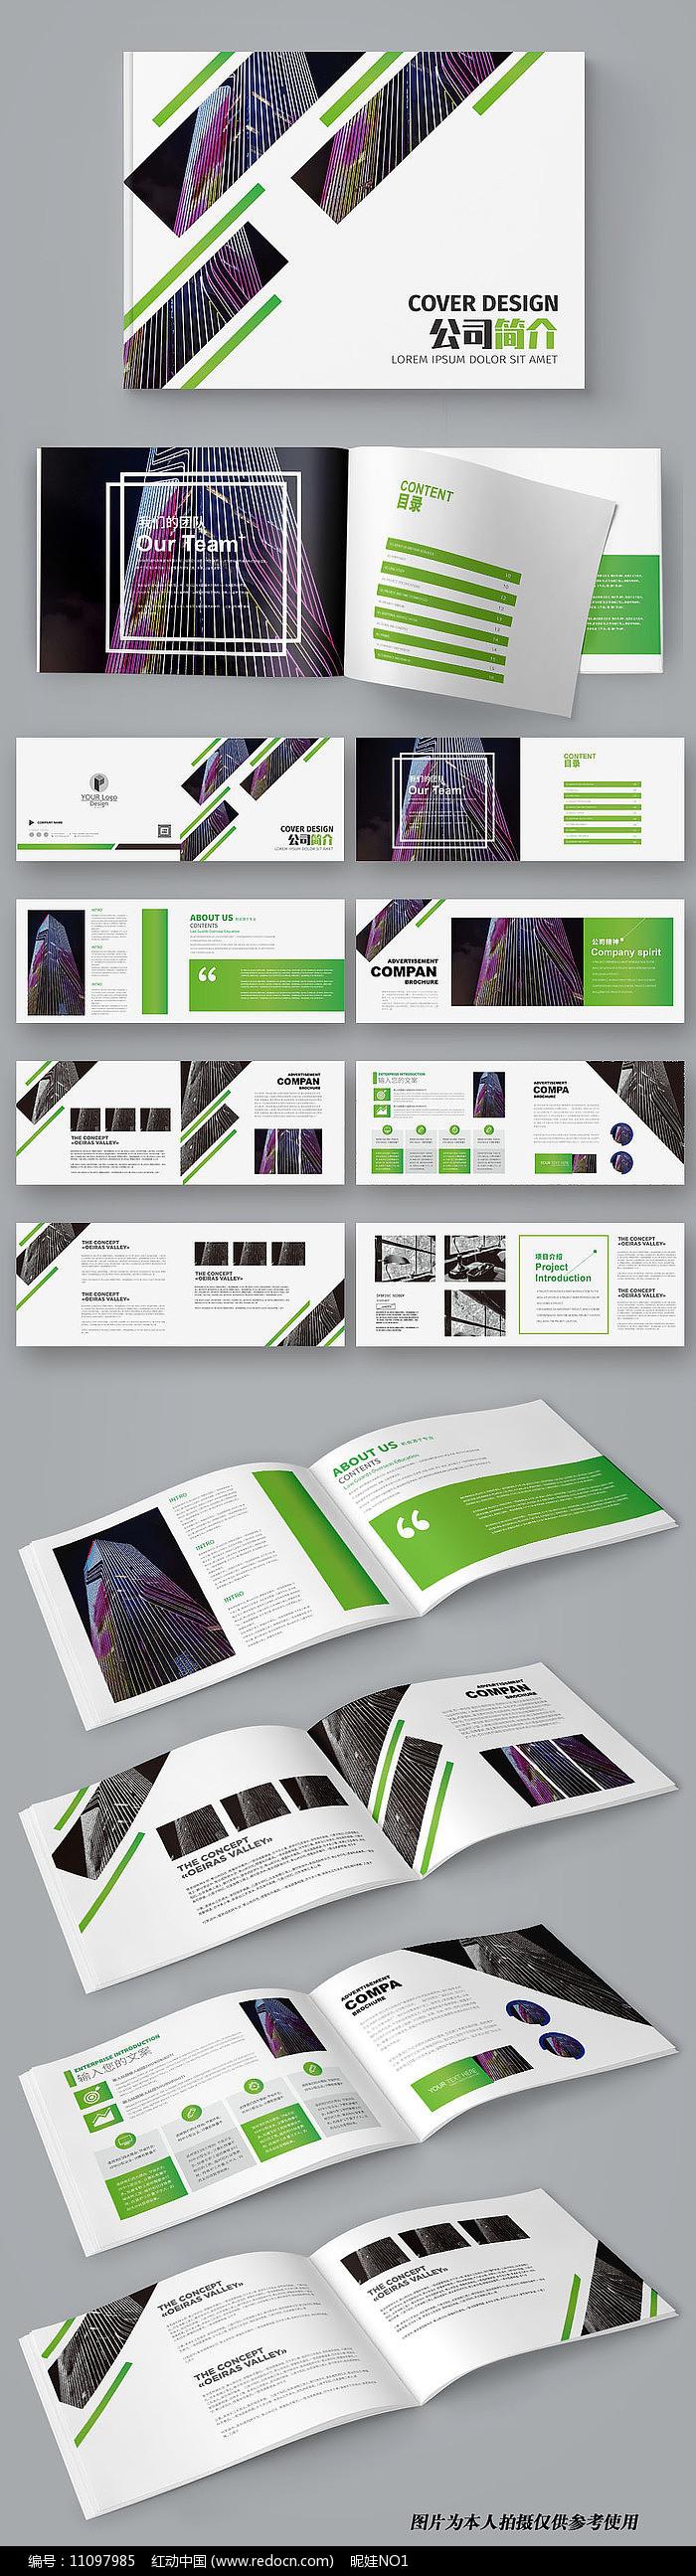 美式简洁公司宣传册企业画册图片